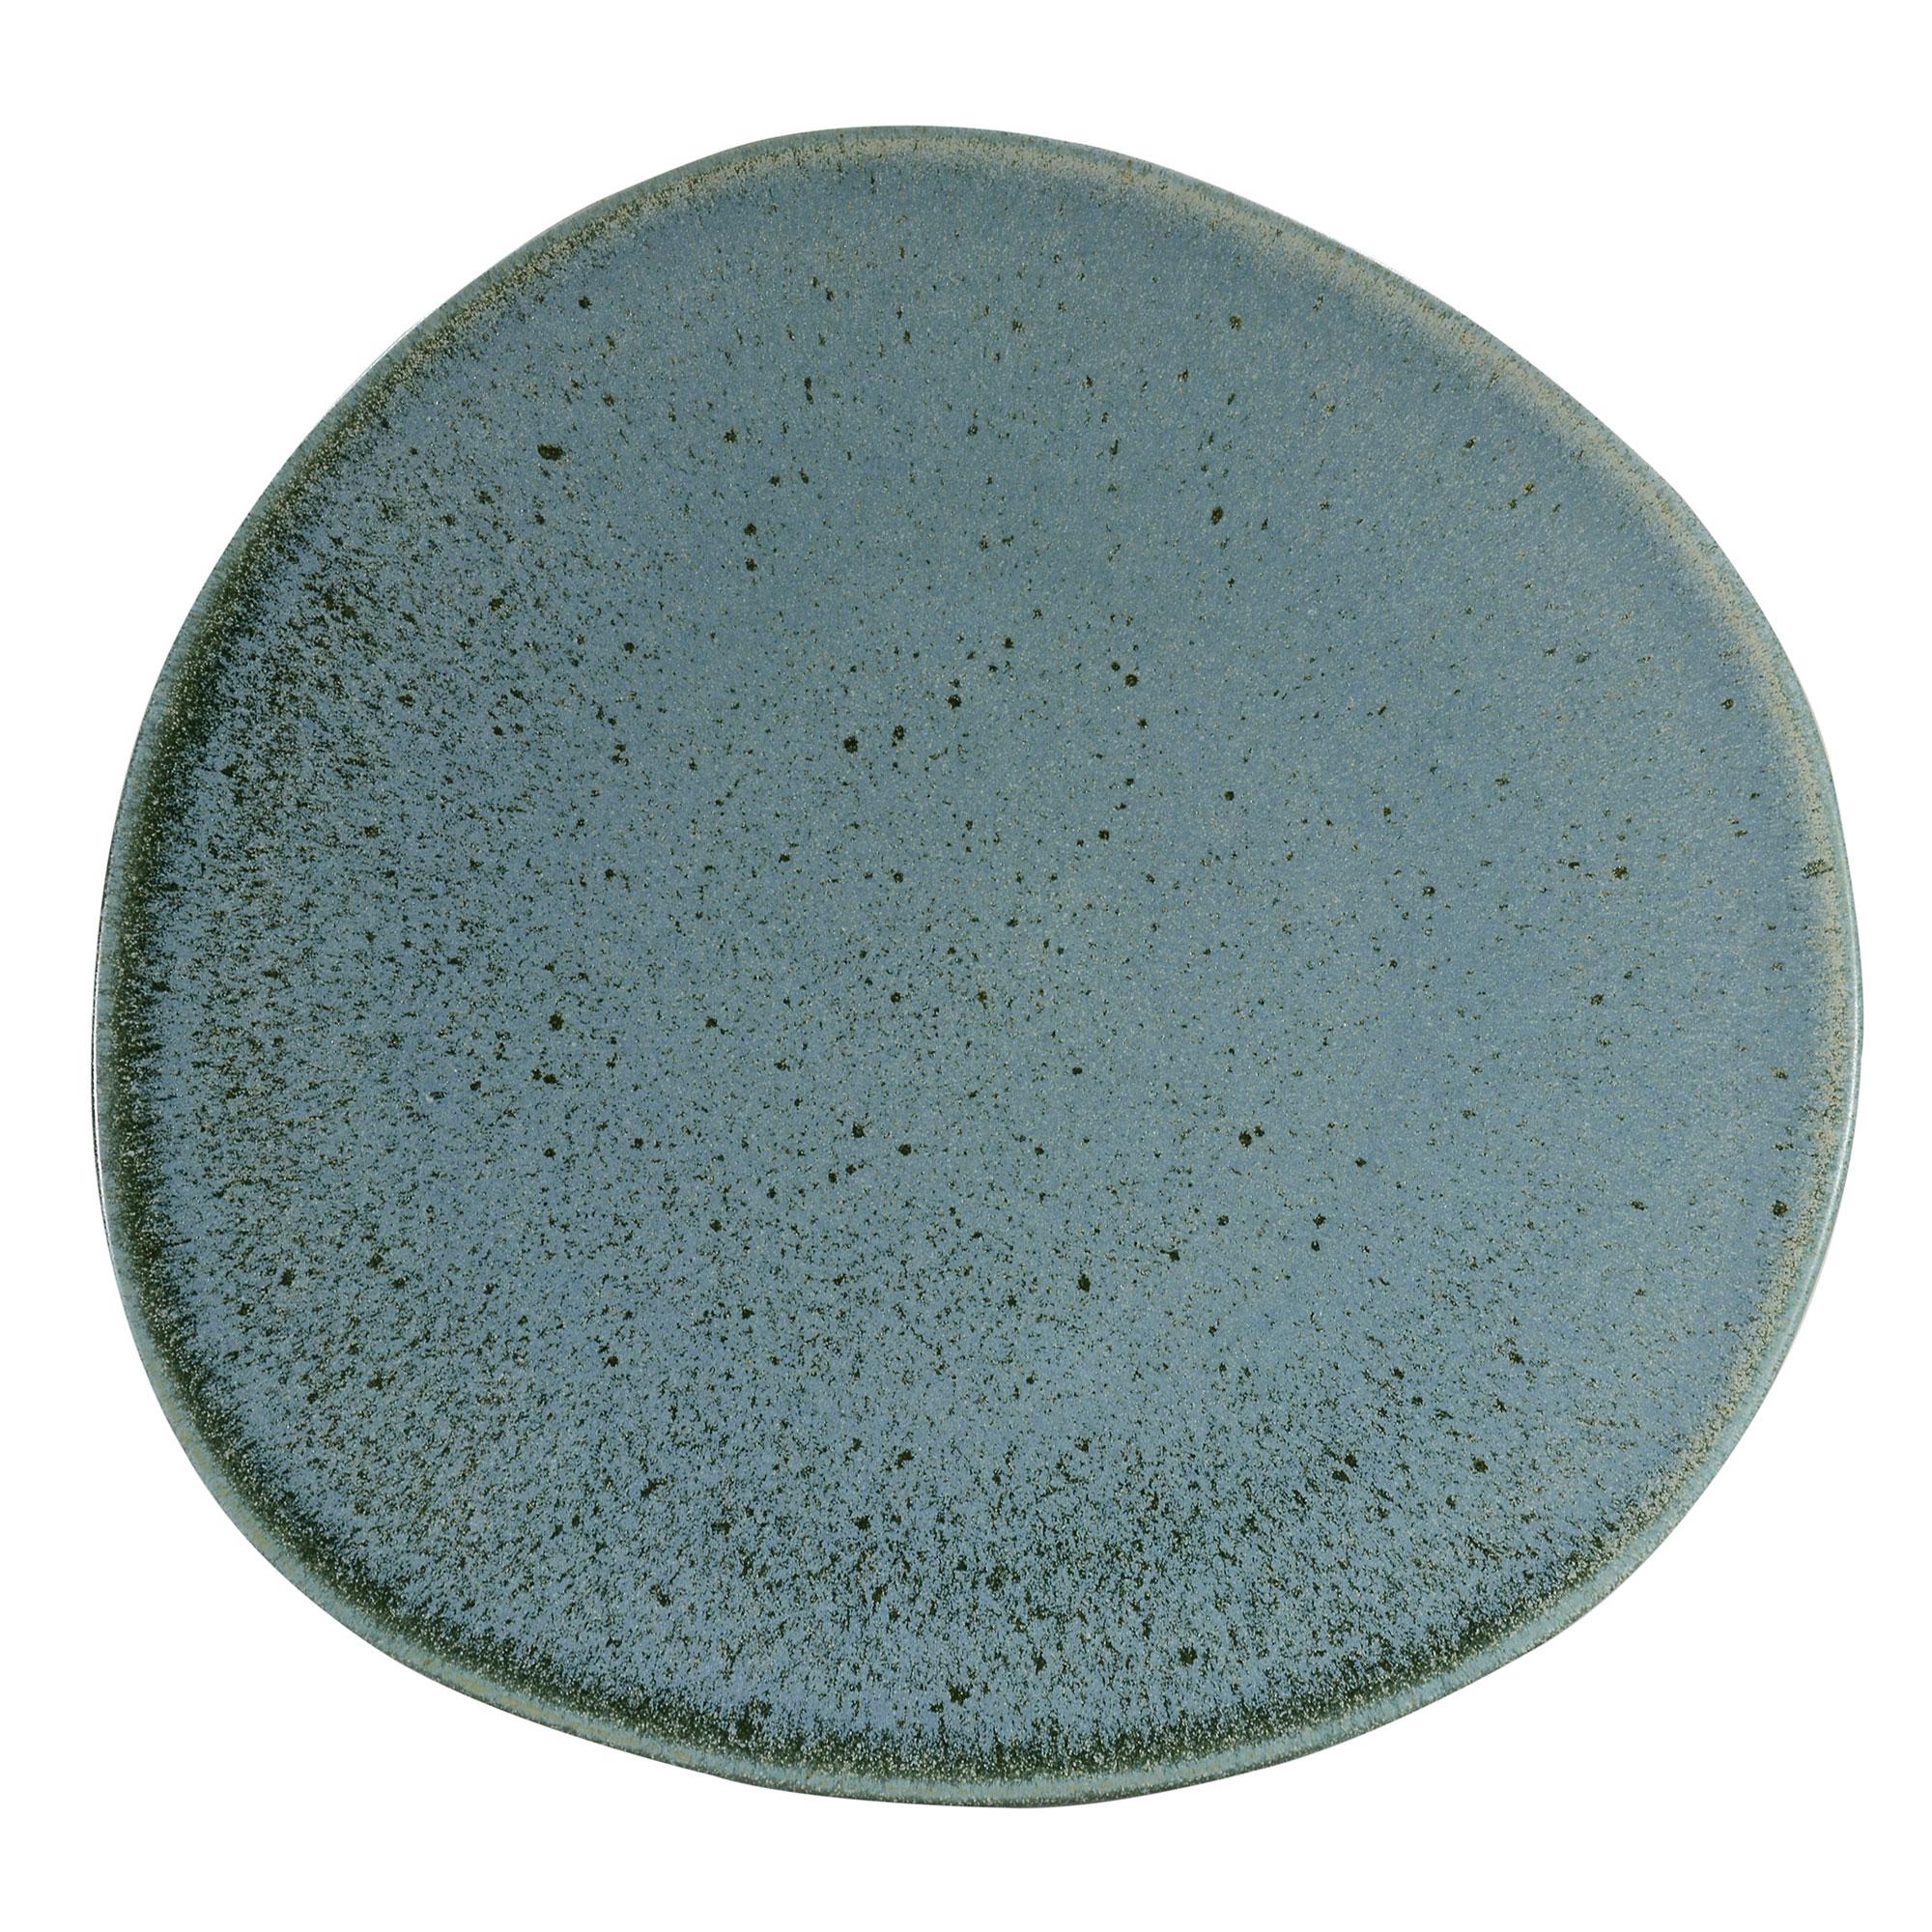 Assiette plate en grès réactif bleu 27 cm - Lot de 6